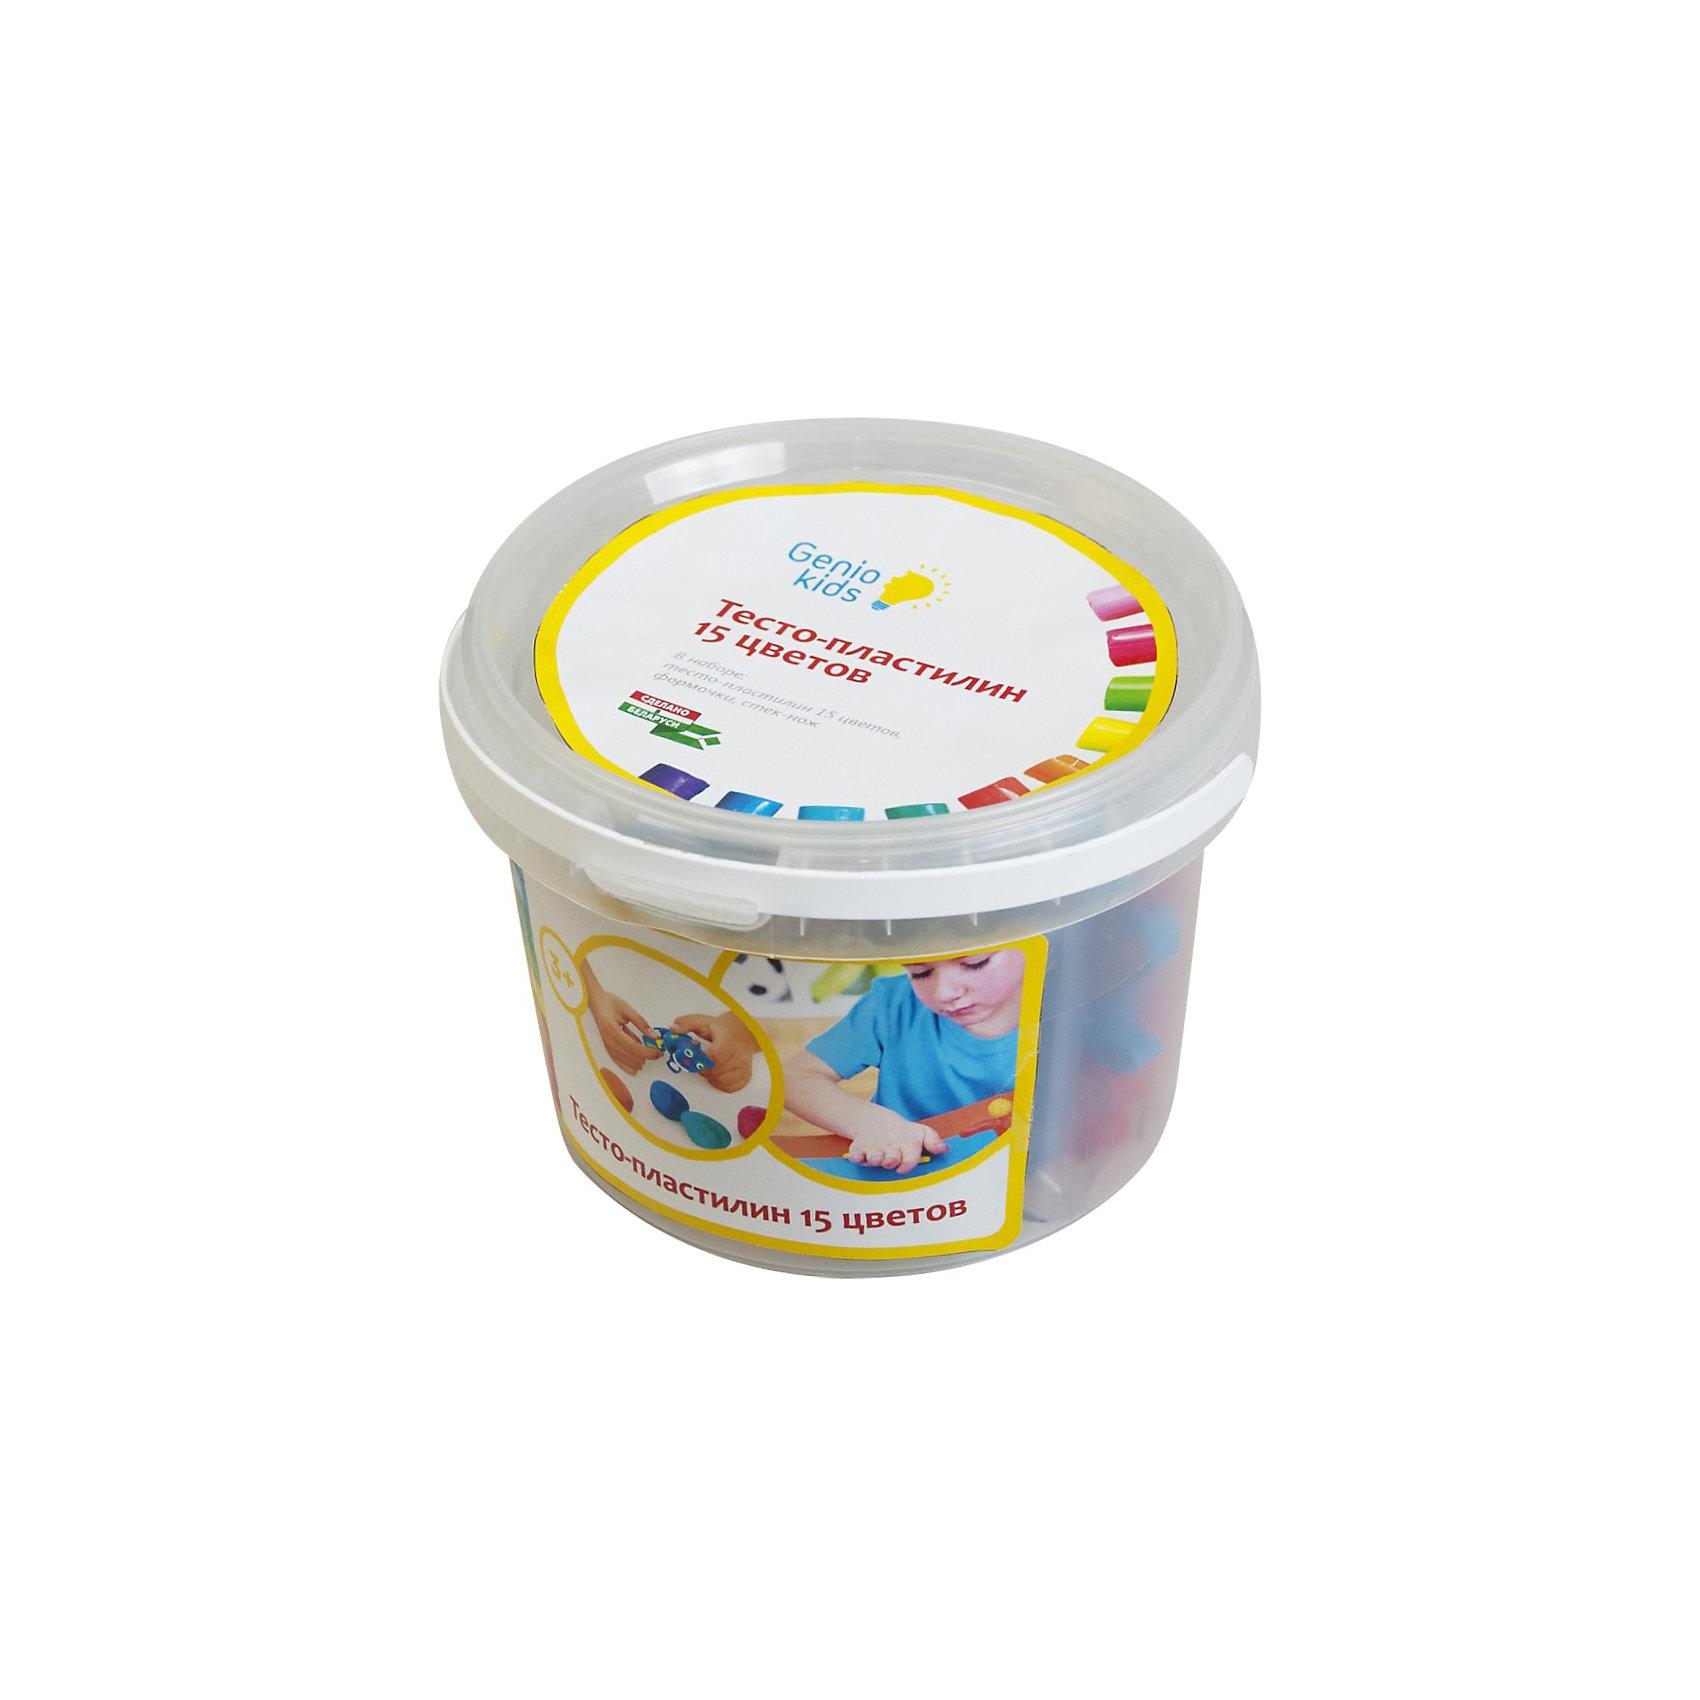 Набор для детской лепки Тесто-пластилин 15 цветовВ наборе:  разноцветное тесто-пластилин 15 цветов по 20 гр., формочки – 5 шт., стек-ножик – 1 шт.<br><br>Ширина мм: 145<br>Глубина мм: 135<br>Высота мм: 95<br>Вес г: 410<br>Возраст от месяцев: 36<br>Возраст до месяцев: 108<br>Пол: Унисекс<br>Возраст: Детский<br>SKU: 5018306